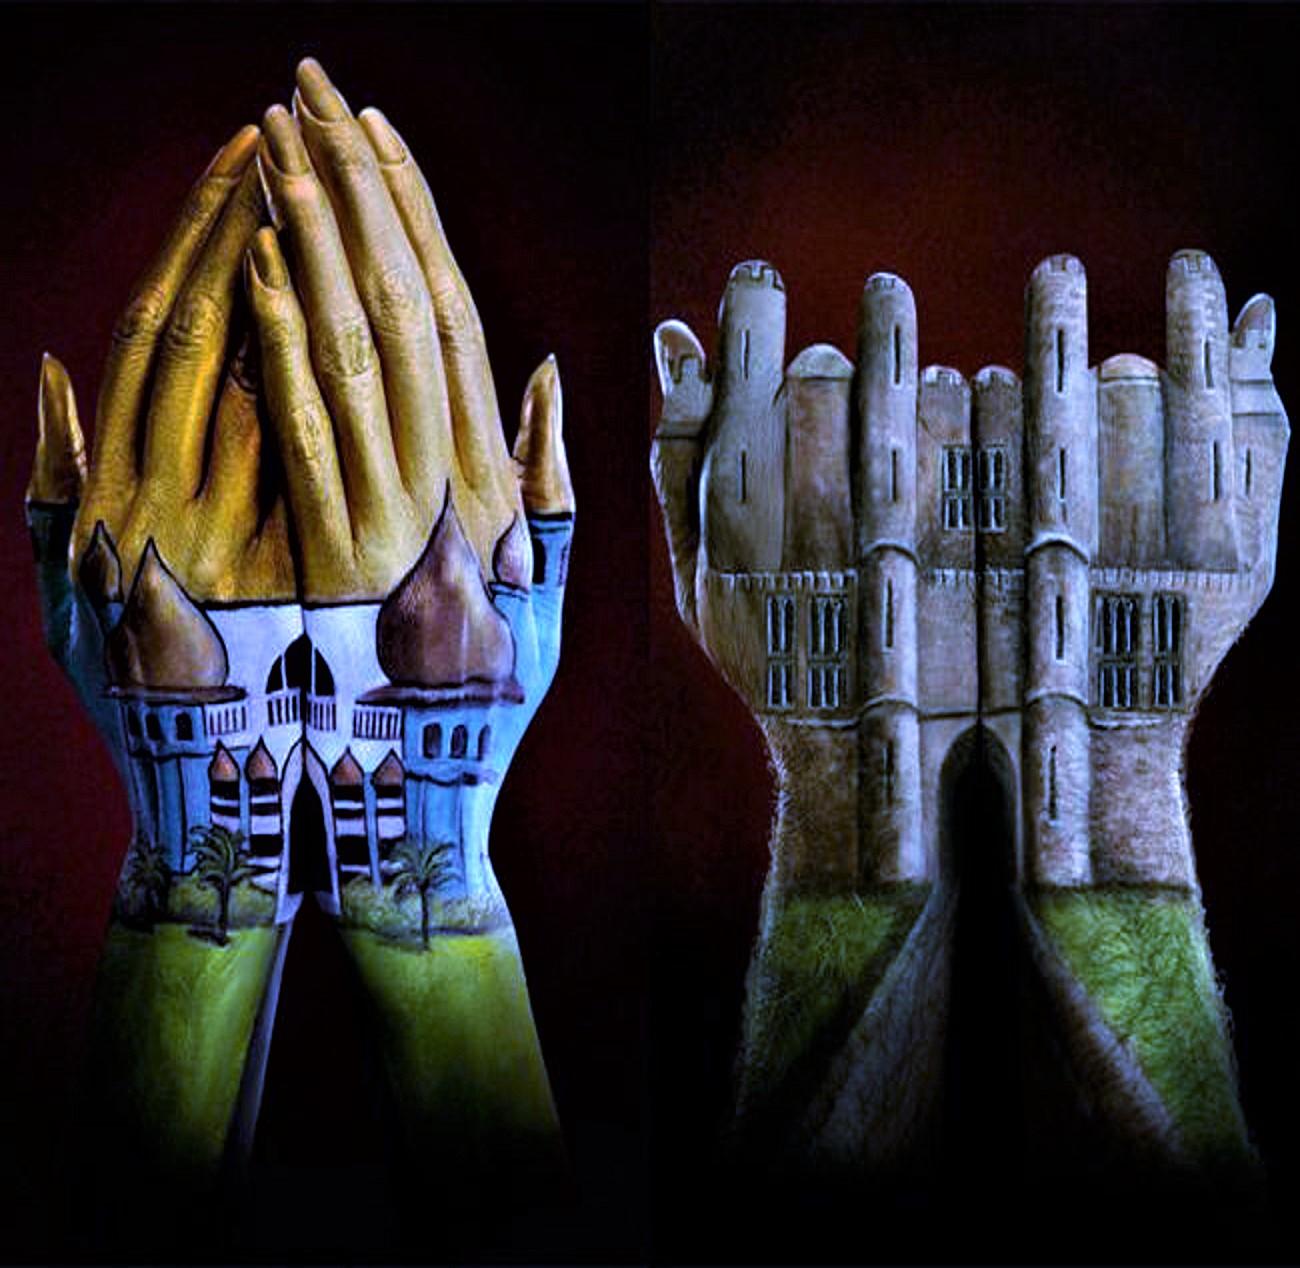 fools-bit-rebels-com-hand-finger-painting-illusions-3